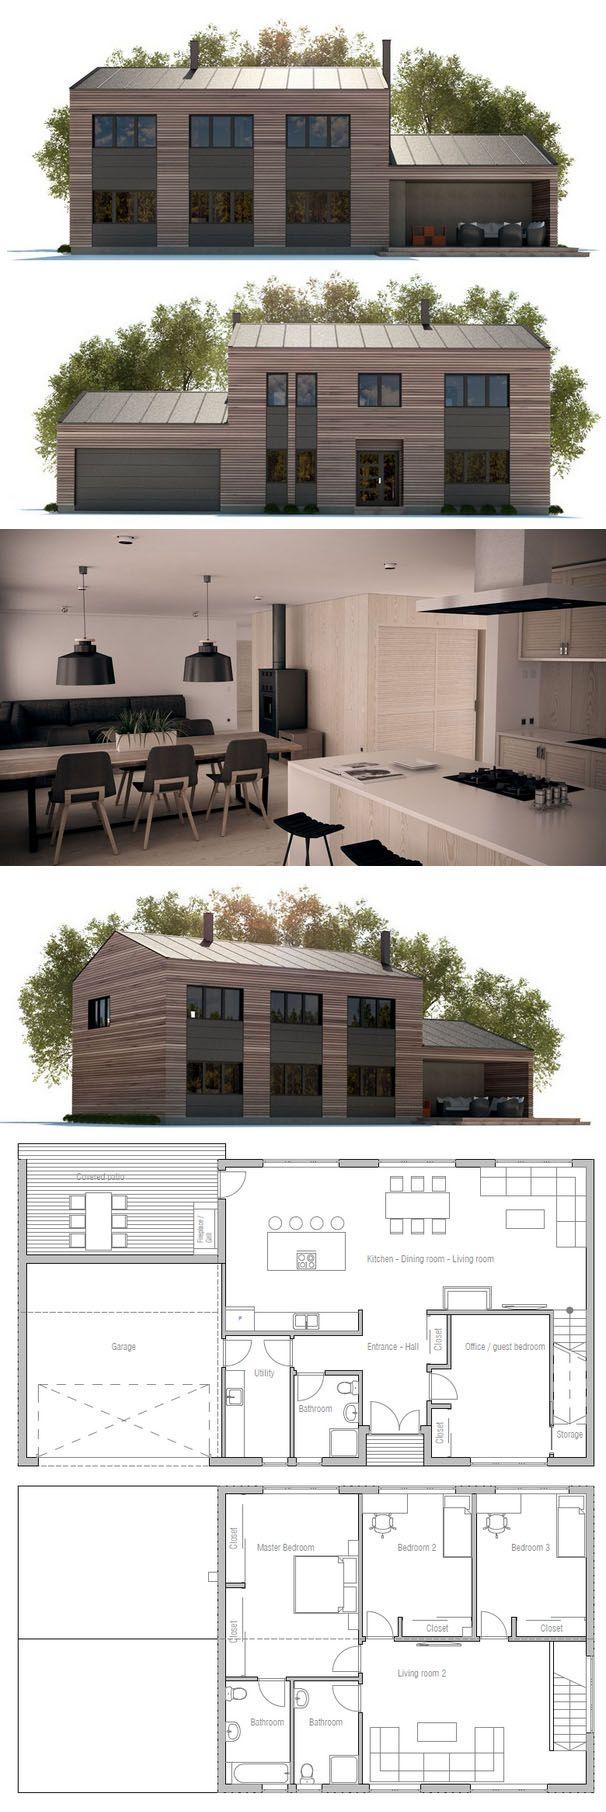 Kleines haus außendesign casa pequena  home ideas  pinterest  haus haus design und haus